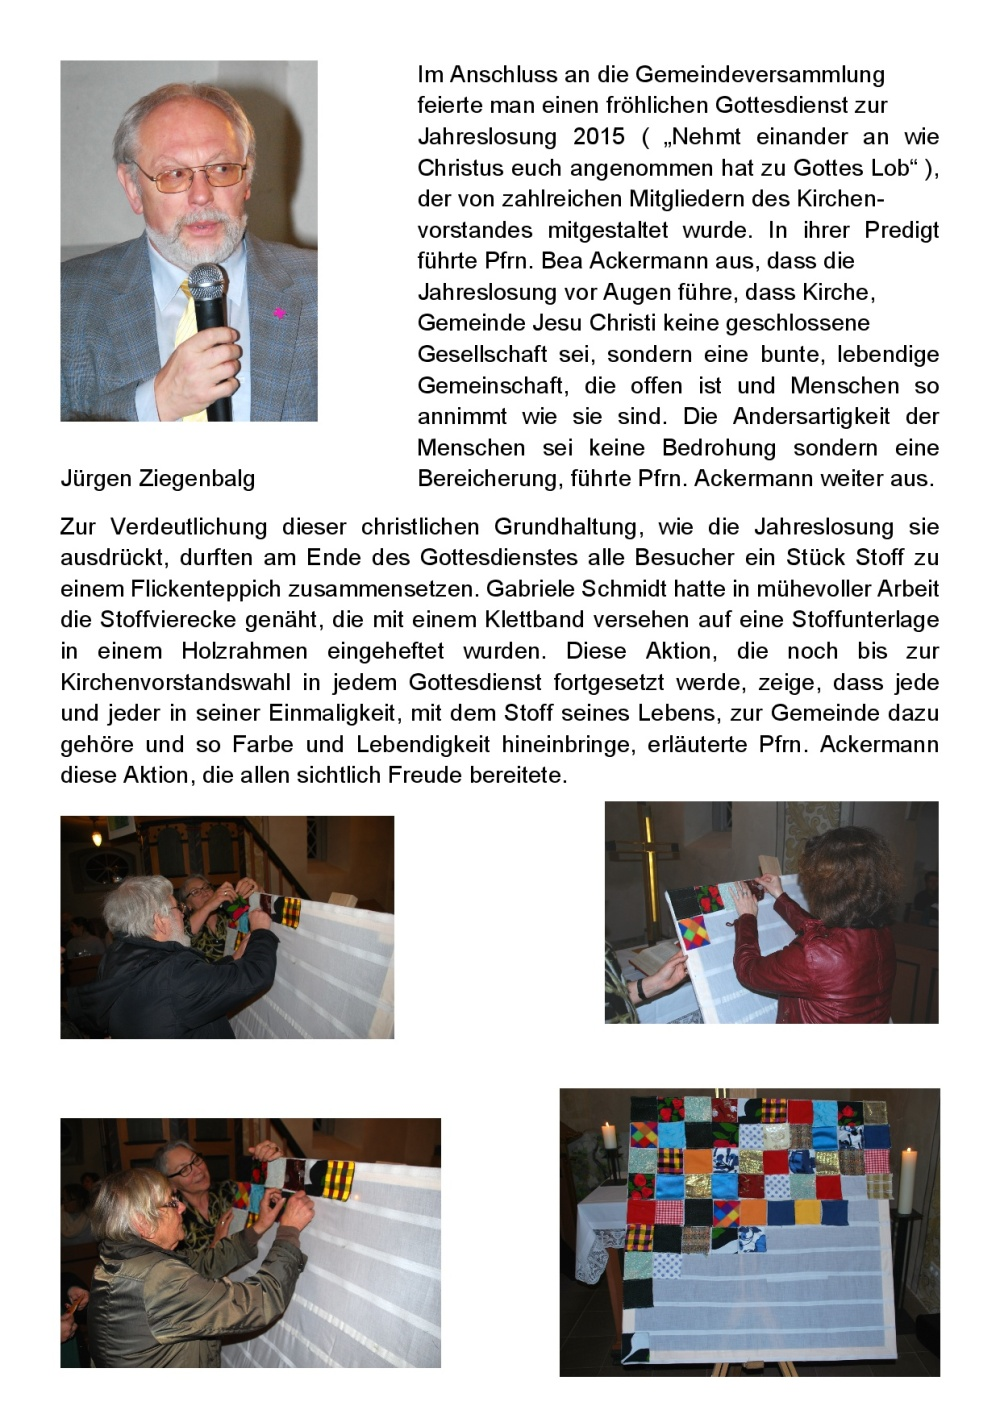 2015-01-11 Gemeindeversammlung-003